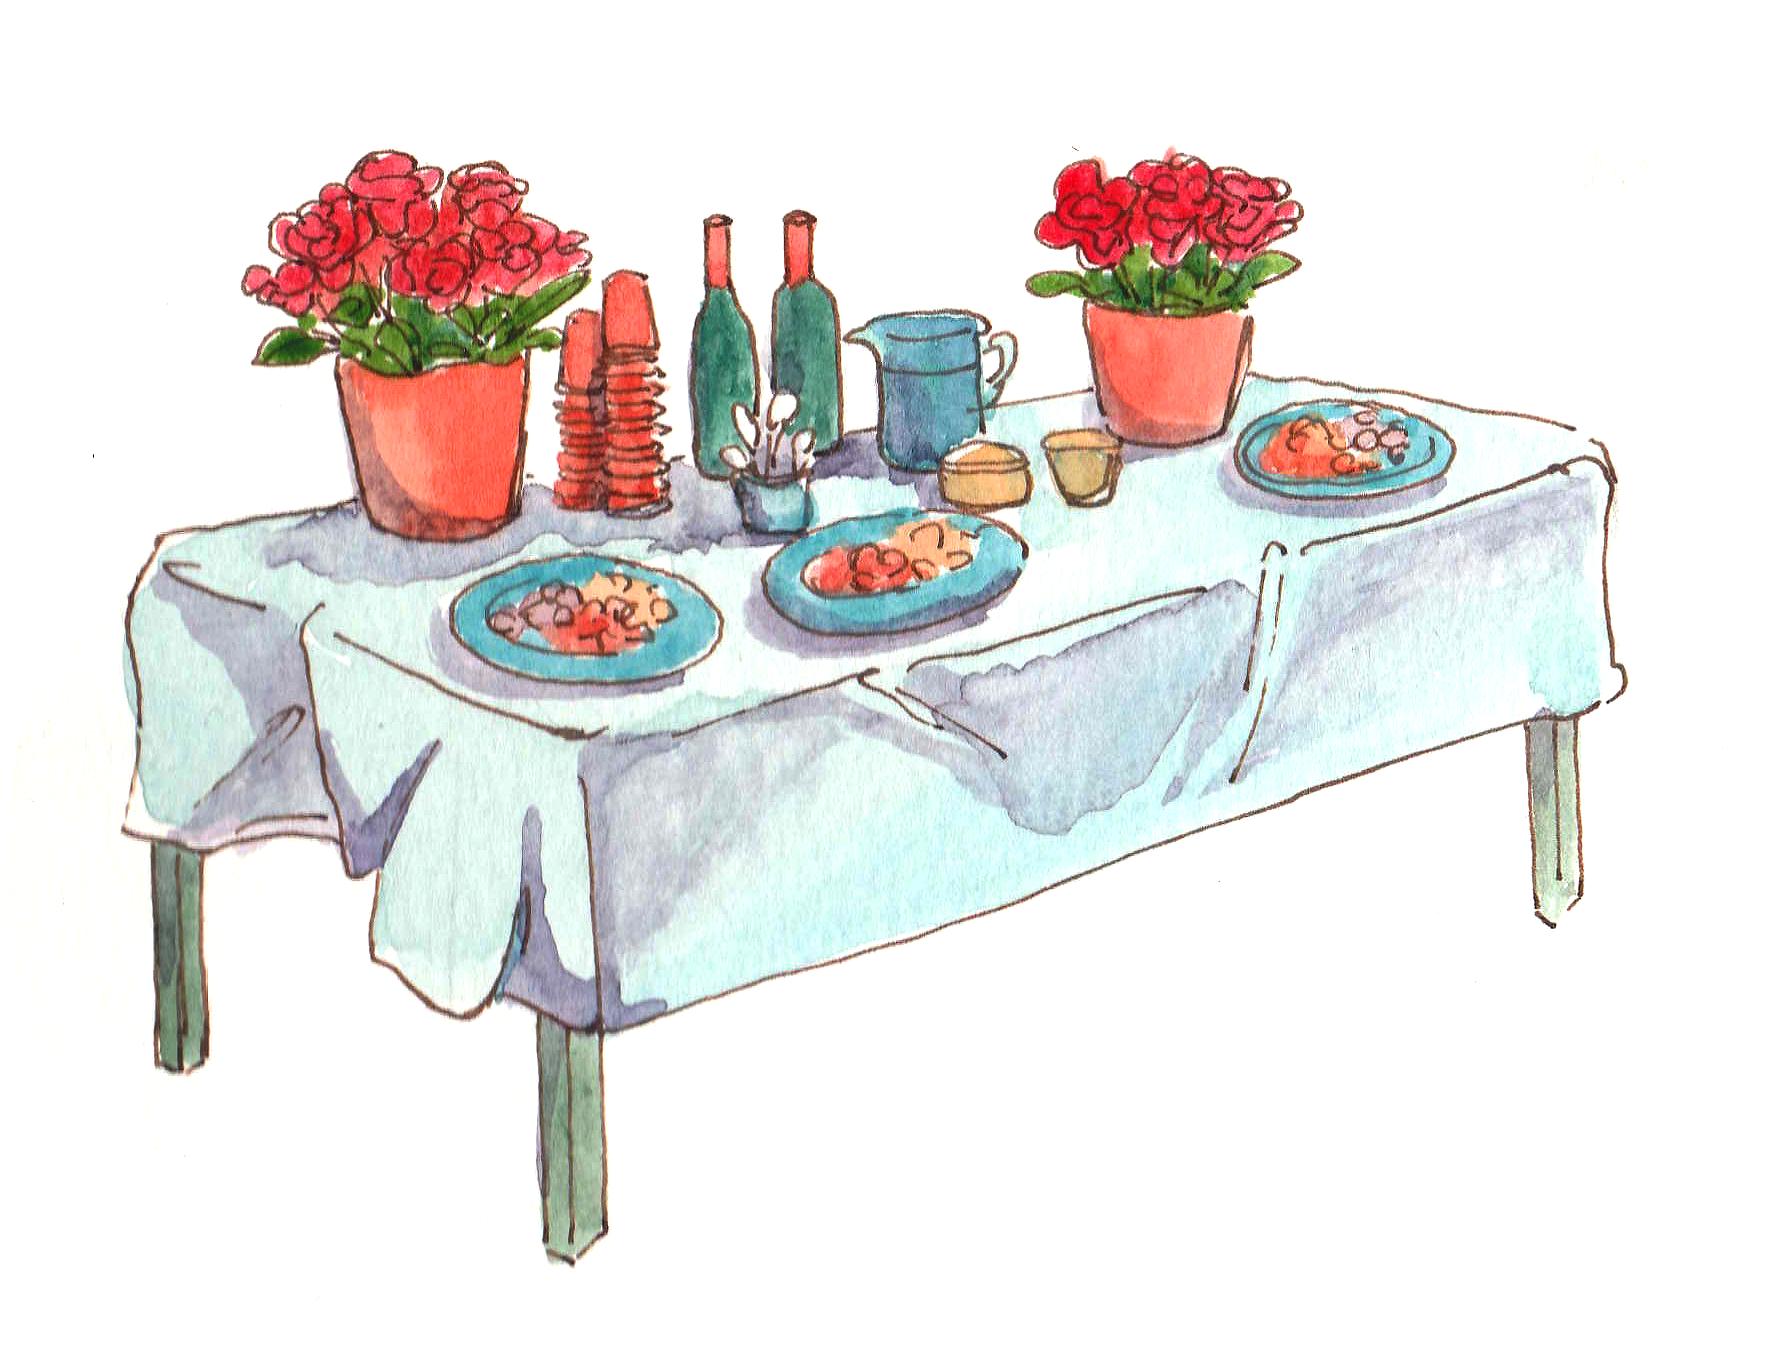 Blog-Sketches-SantJordi-1.png